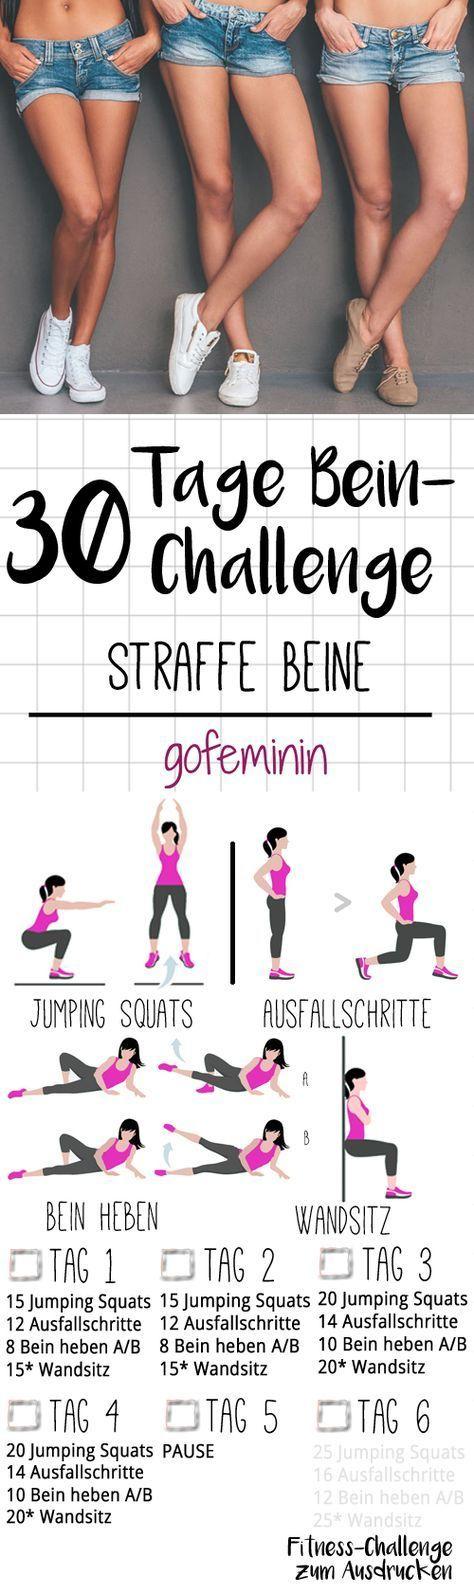 Für schöne straffe Beine: Die 30 Tage Bein-Challenge!        Für schöne straffe Beine: Die 30 Tage B...